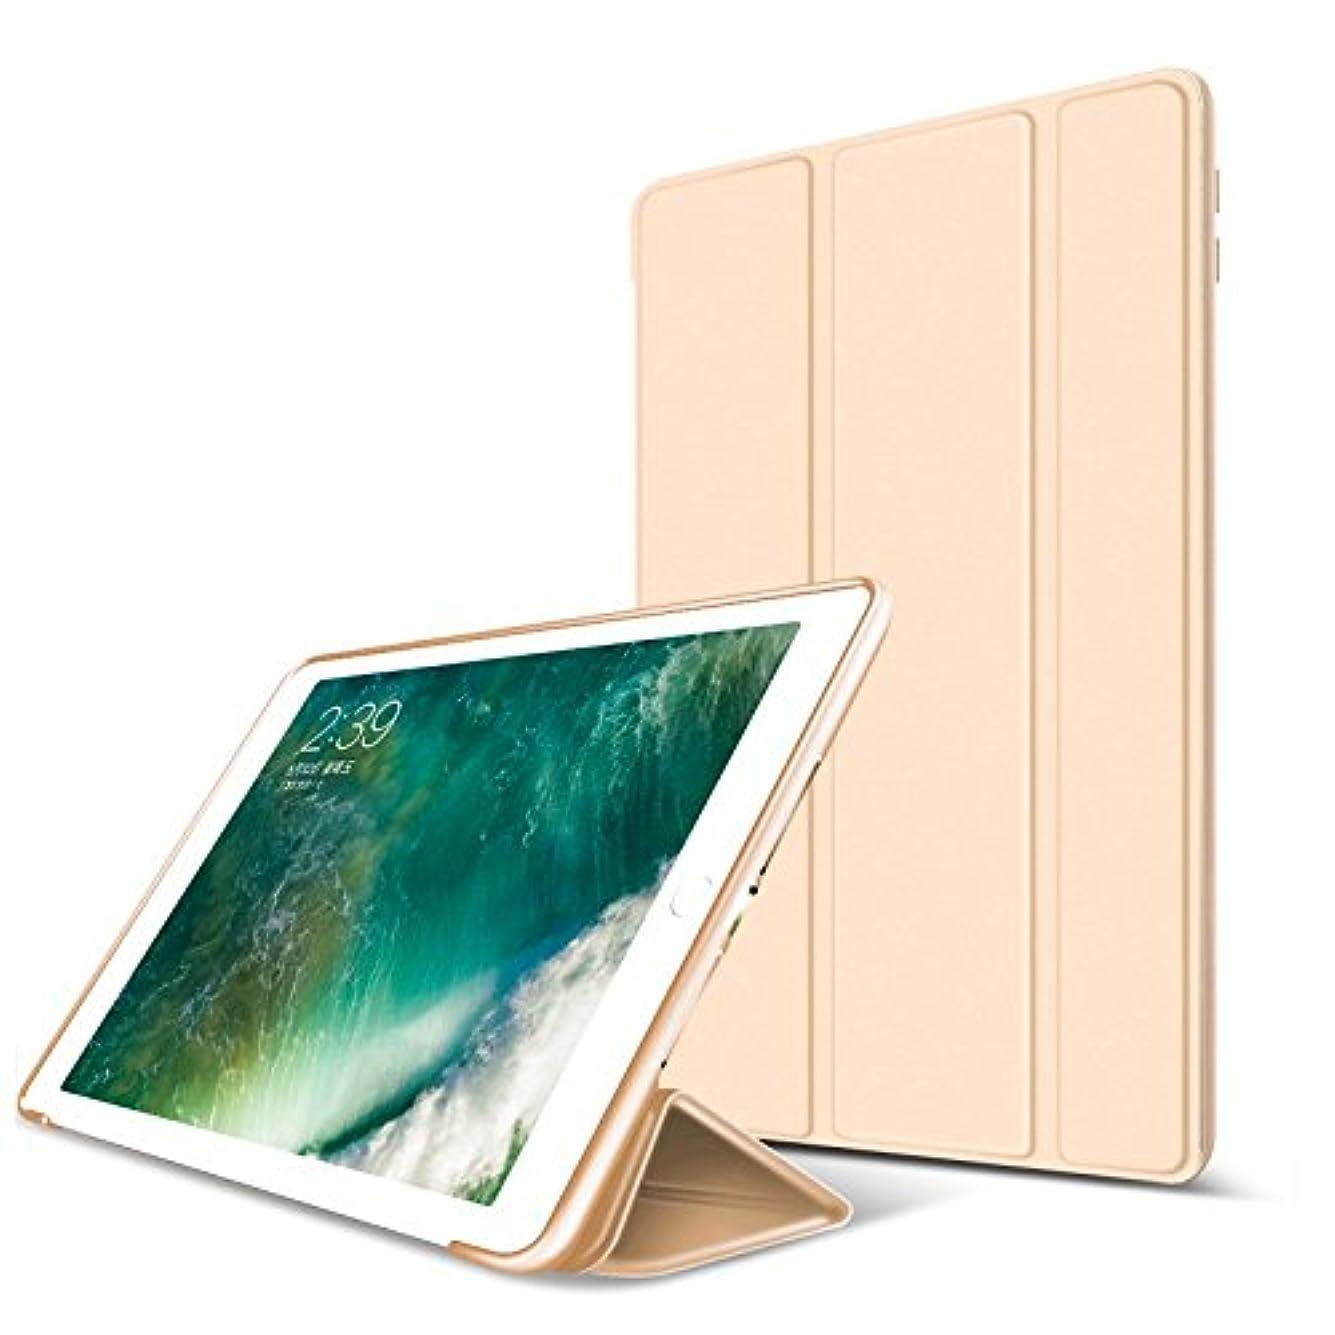 グローバル白鳥黙認する【液晶保護フィルム付き】 iPad Air 2 ケース 手帳型 横開き 三つ折り PUレザー + シリコン 耐衝撃 スタンド機能 オートスリップ機能 マグネット 磁気吸着 軽量 薄型 ブランド 正規品 (ゴールド)